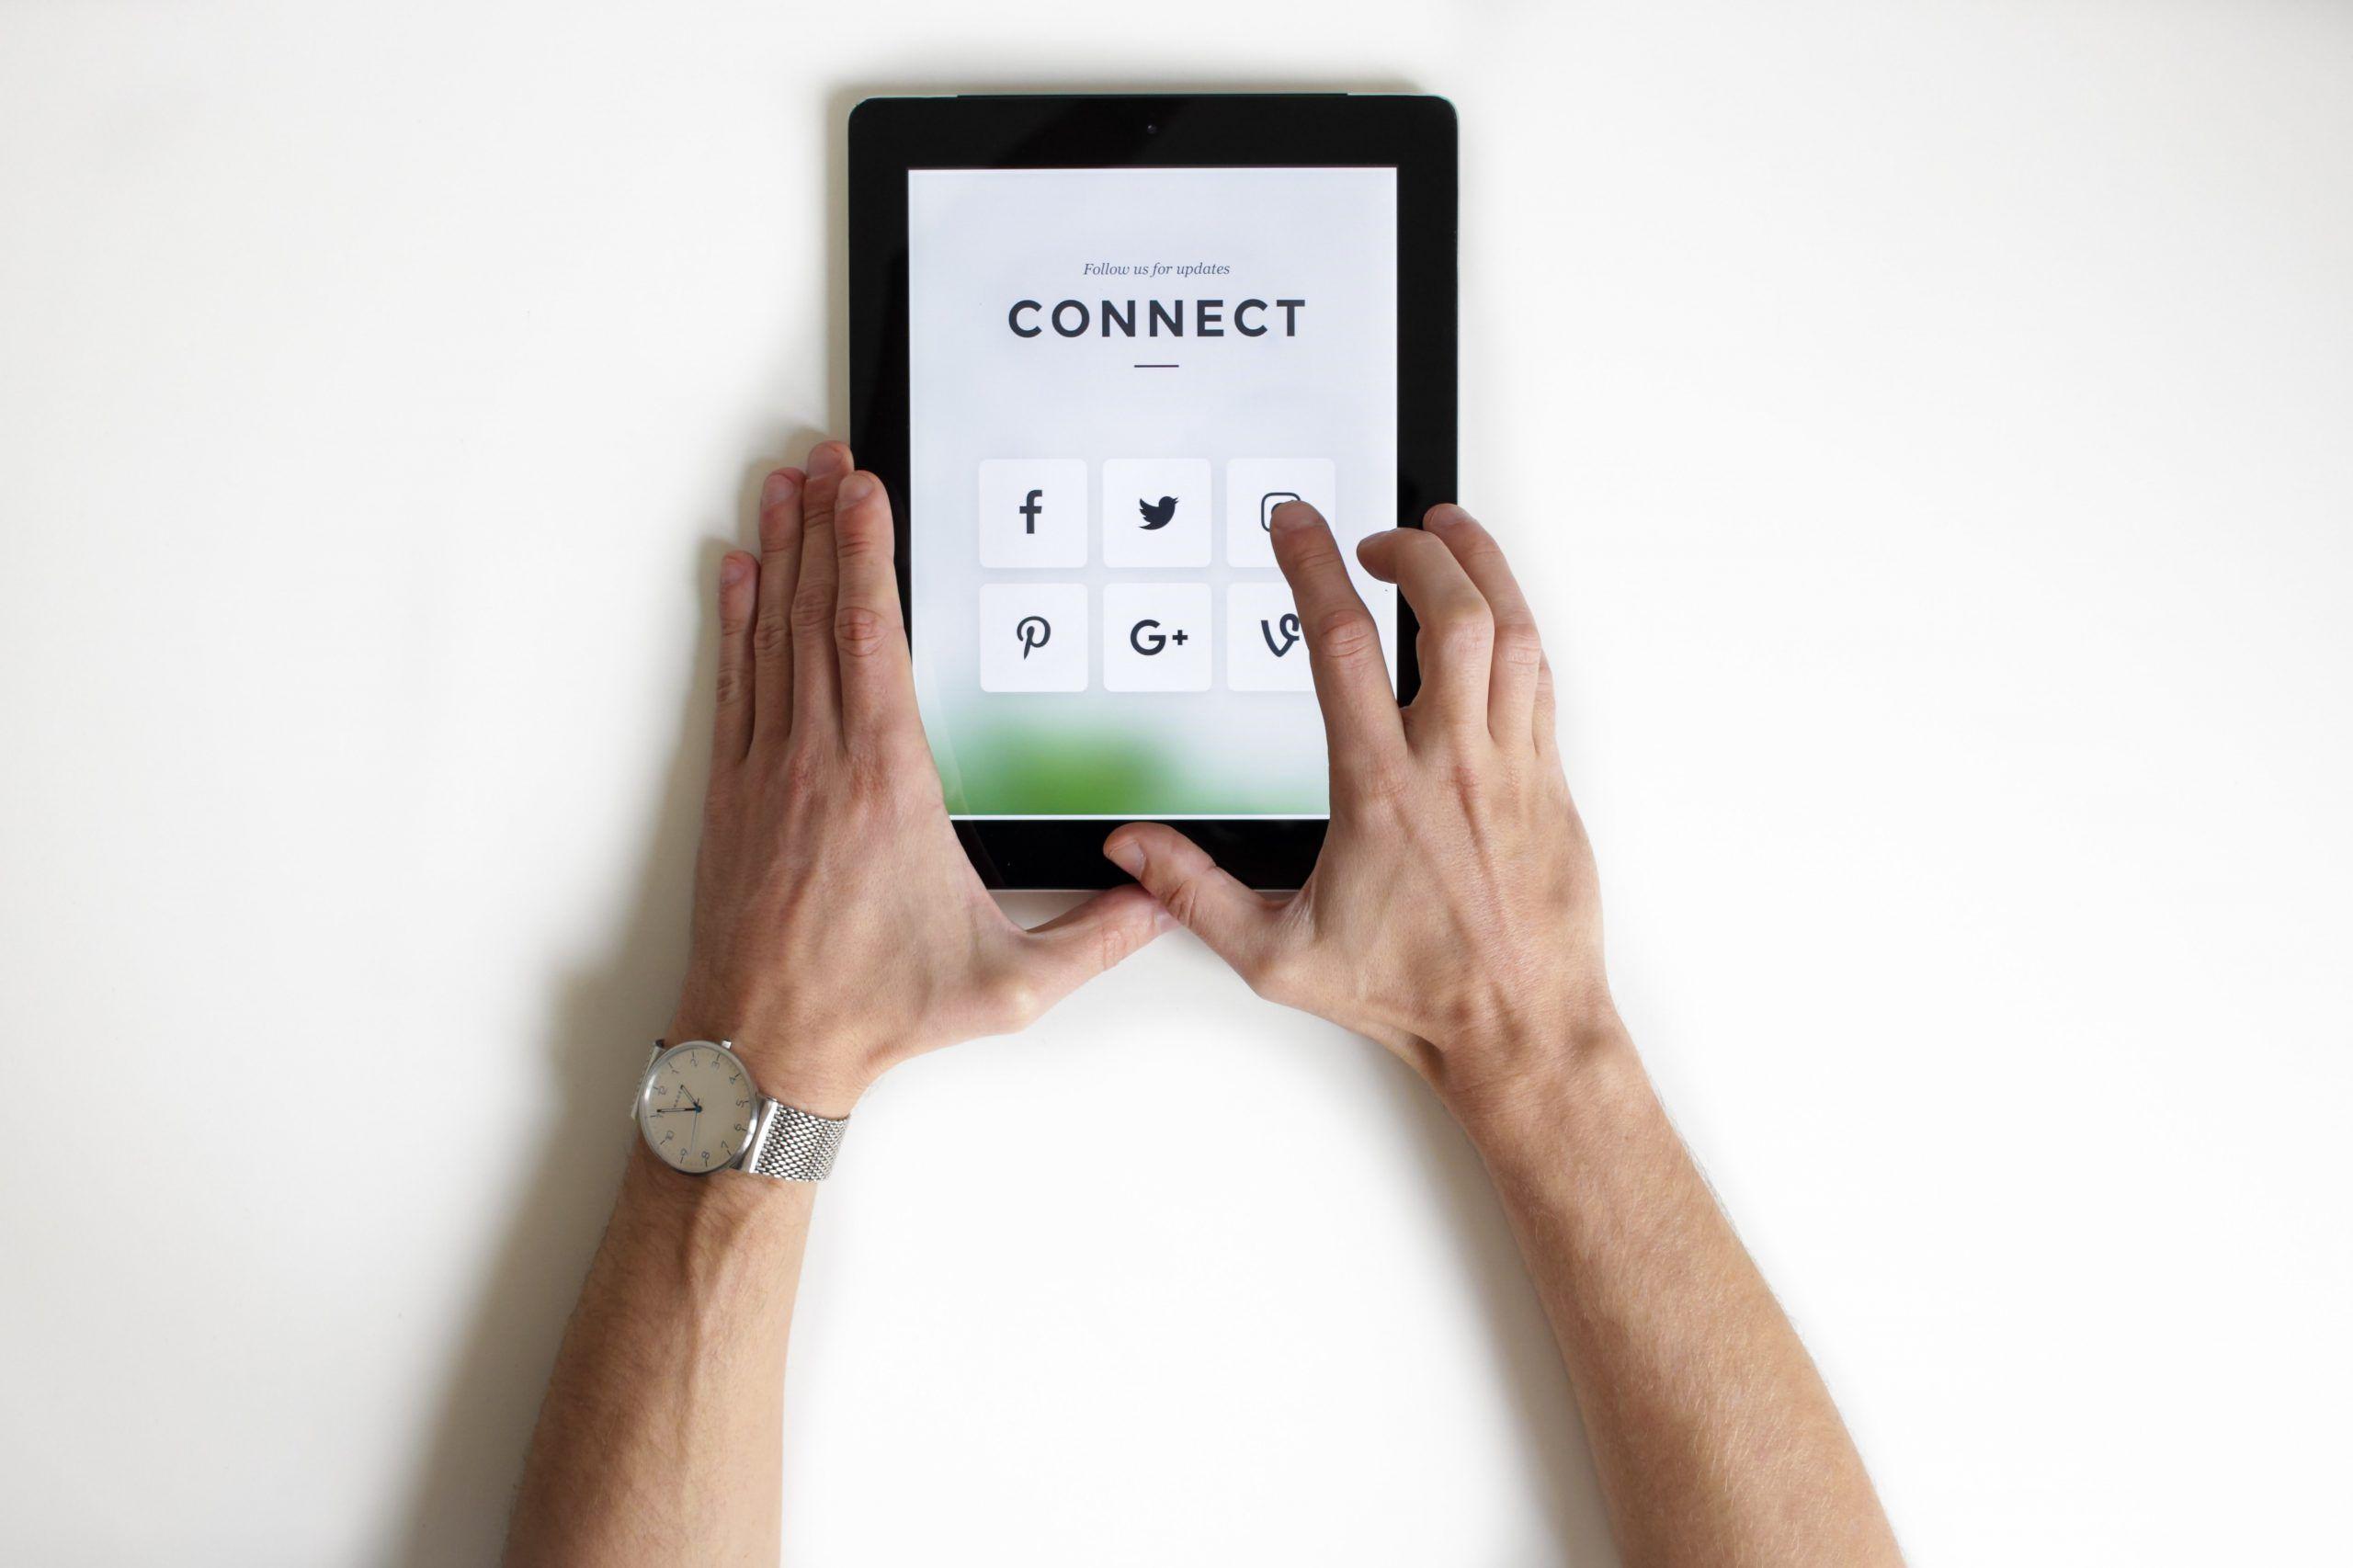 Aggiorna la tua presenza social: è arrivato il momento